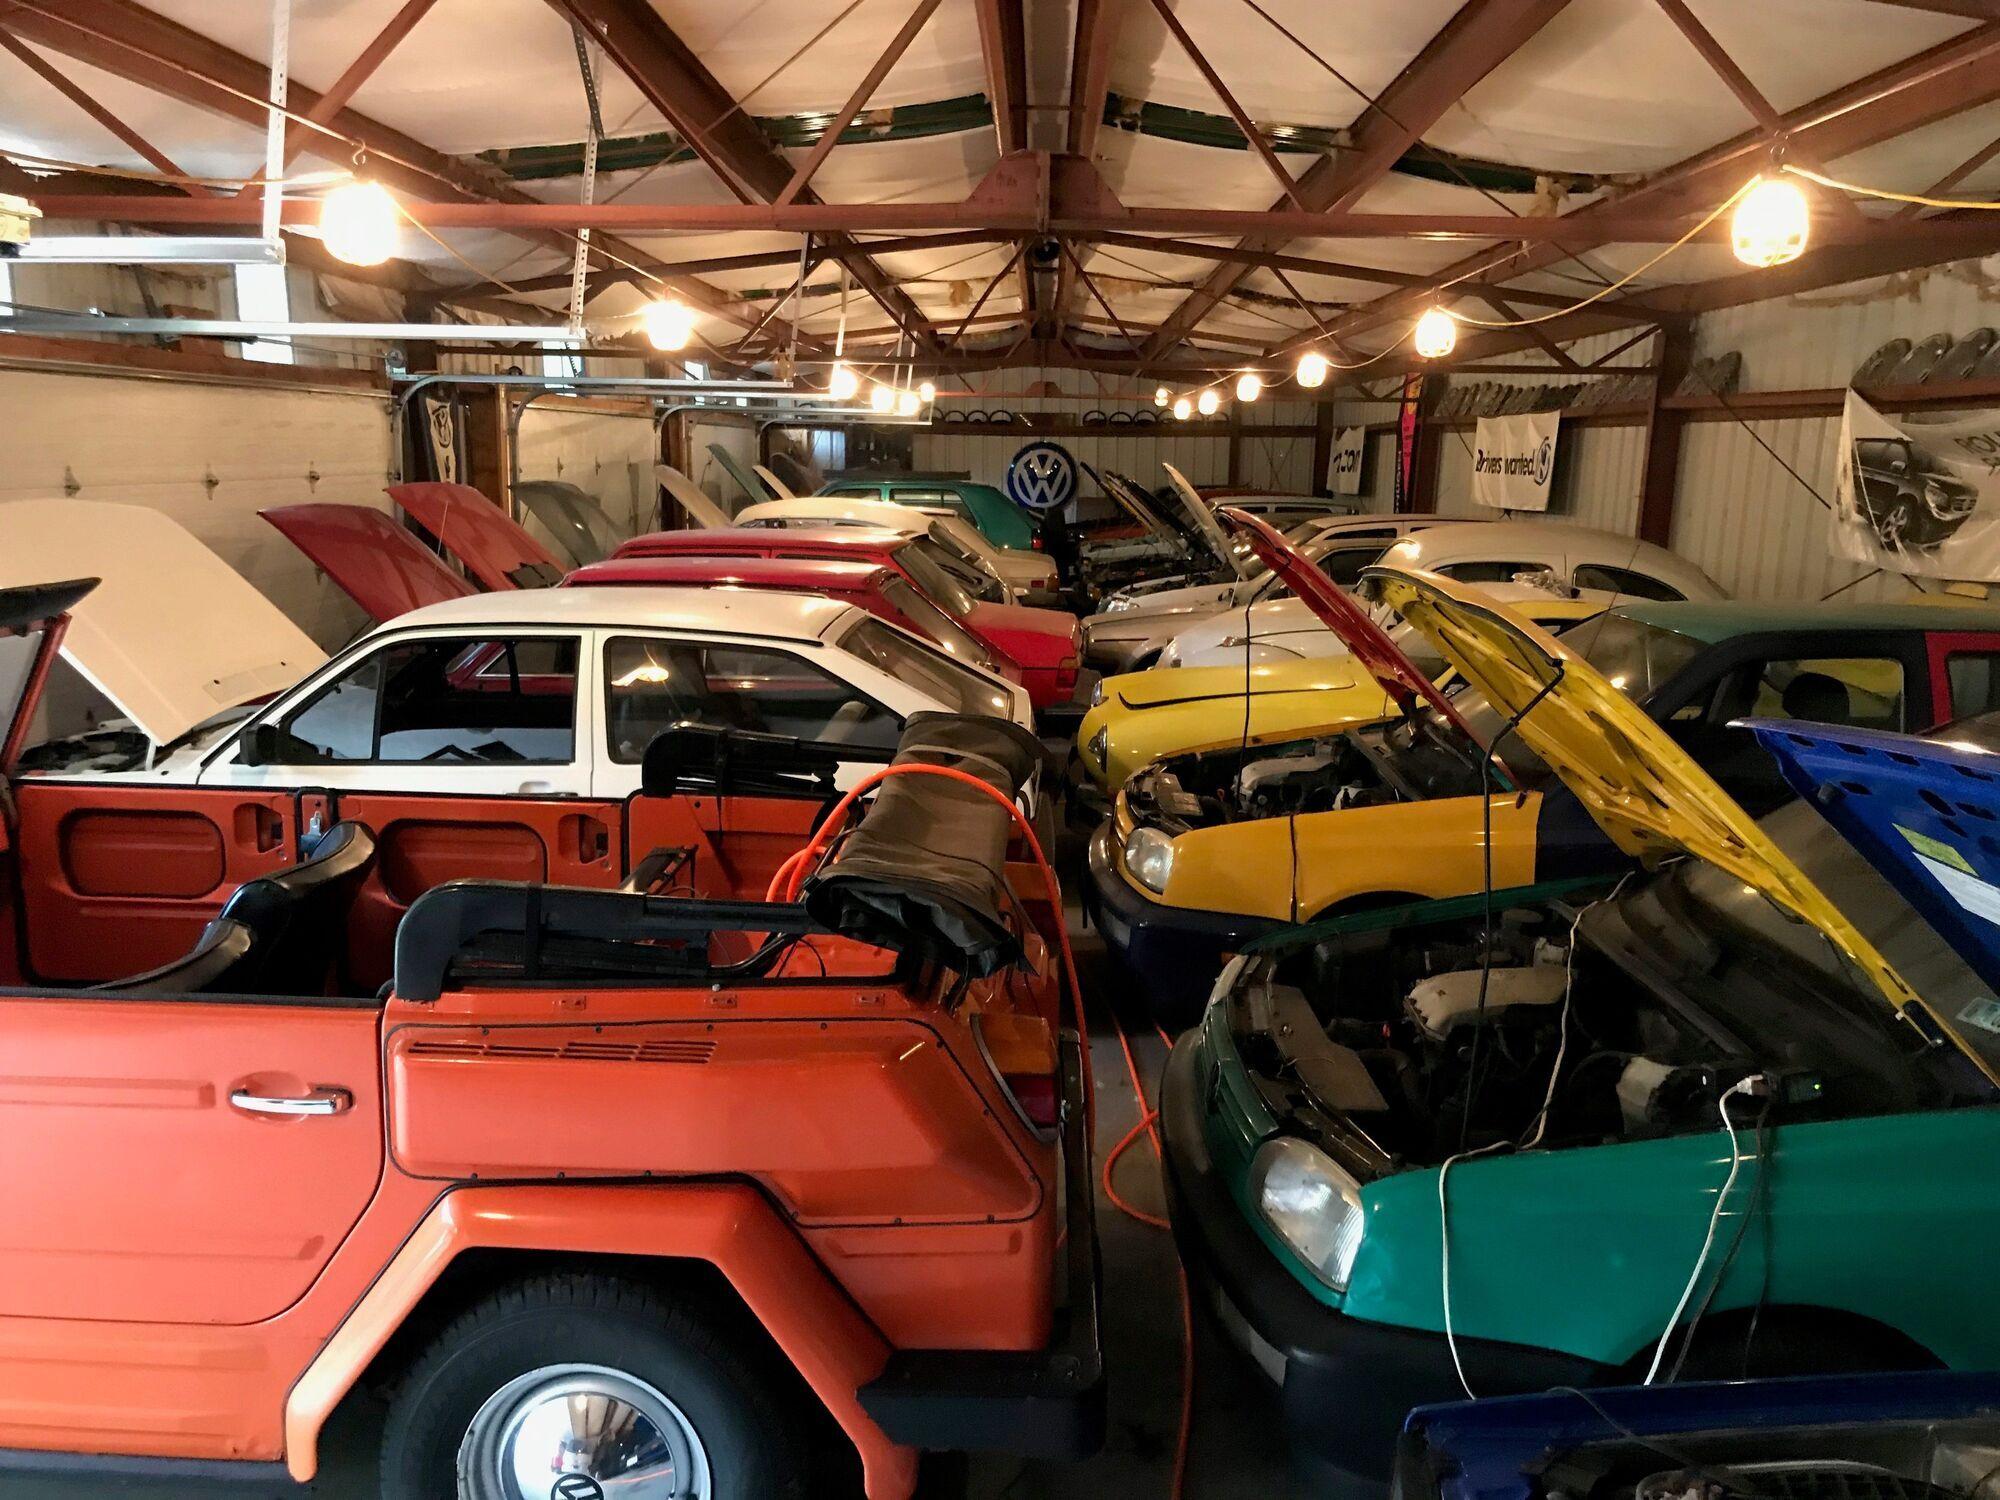 В коллекции Росса Капплза более 70 автомобилей марки Volkswagen